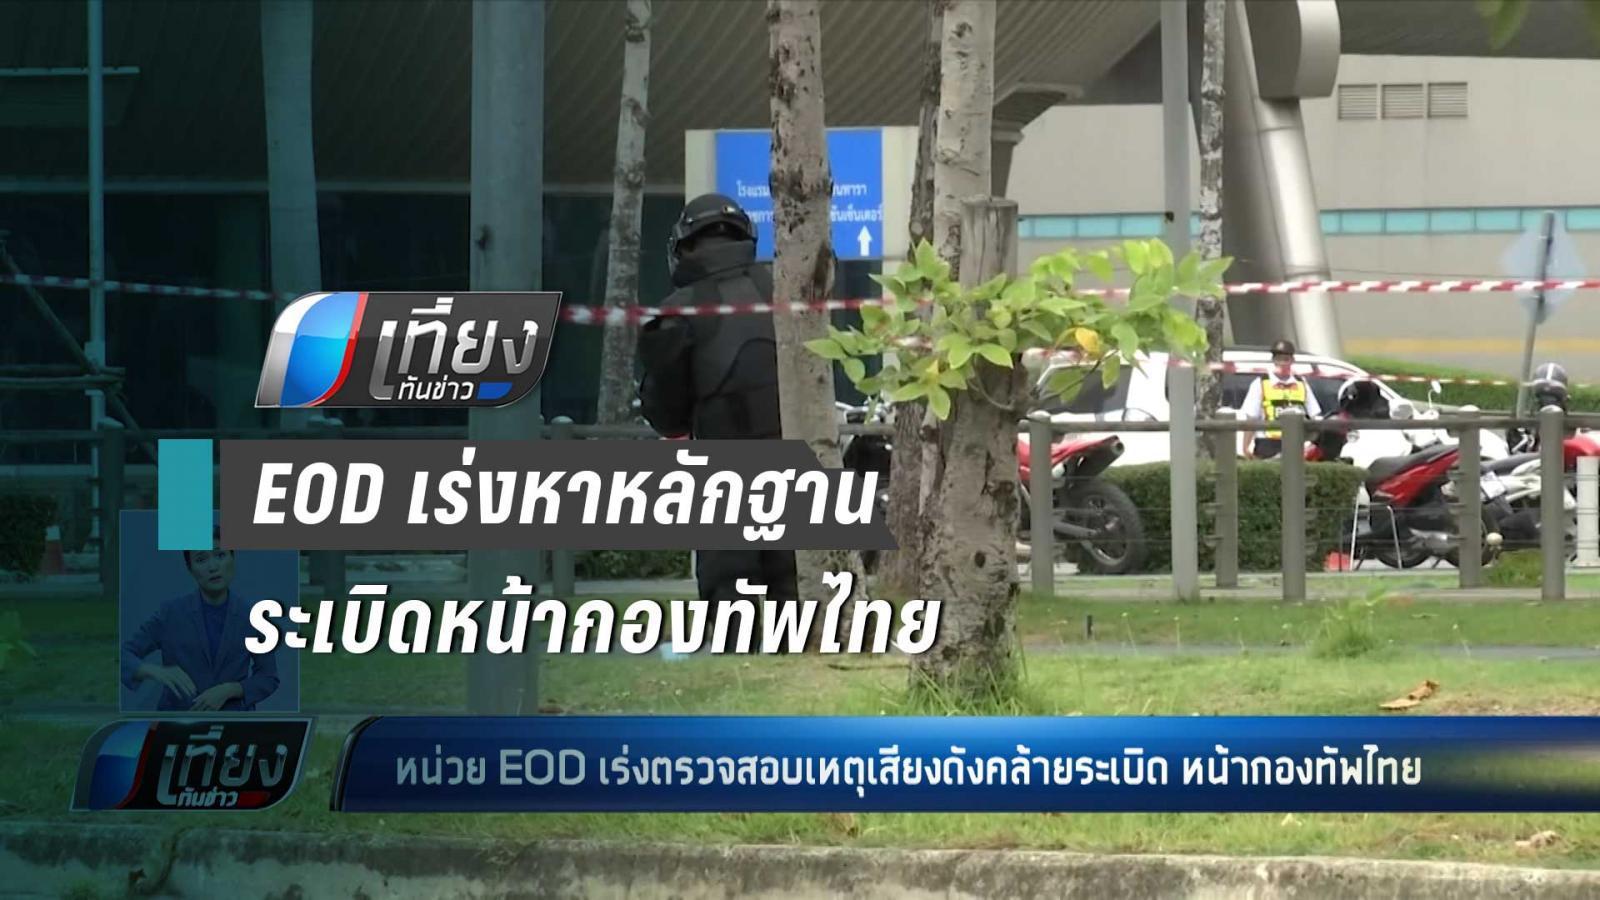 EOD เร่งหาหลักฐานระเบิดหน้ากองทัพไทย